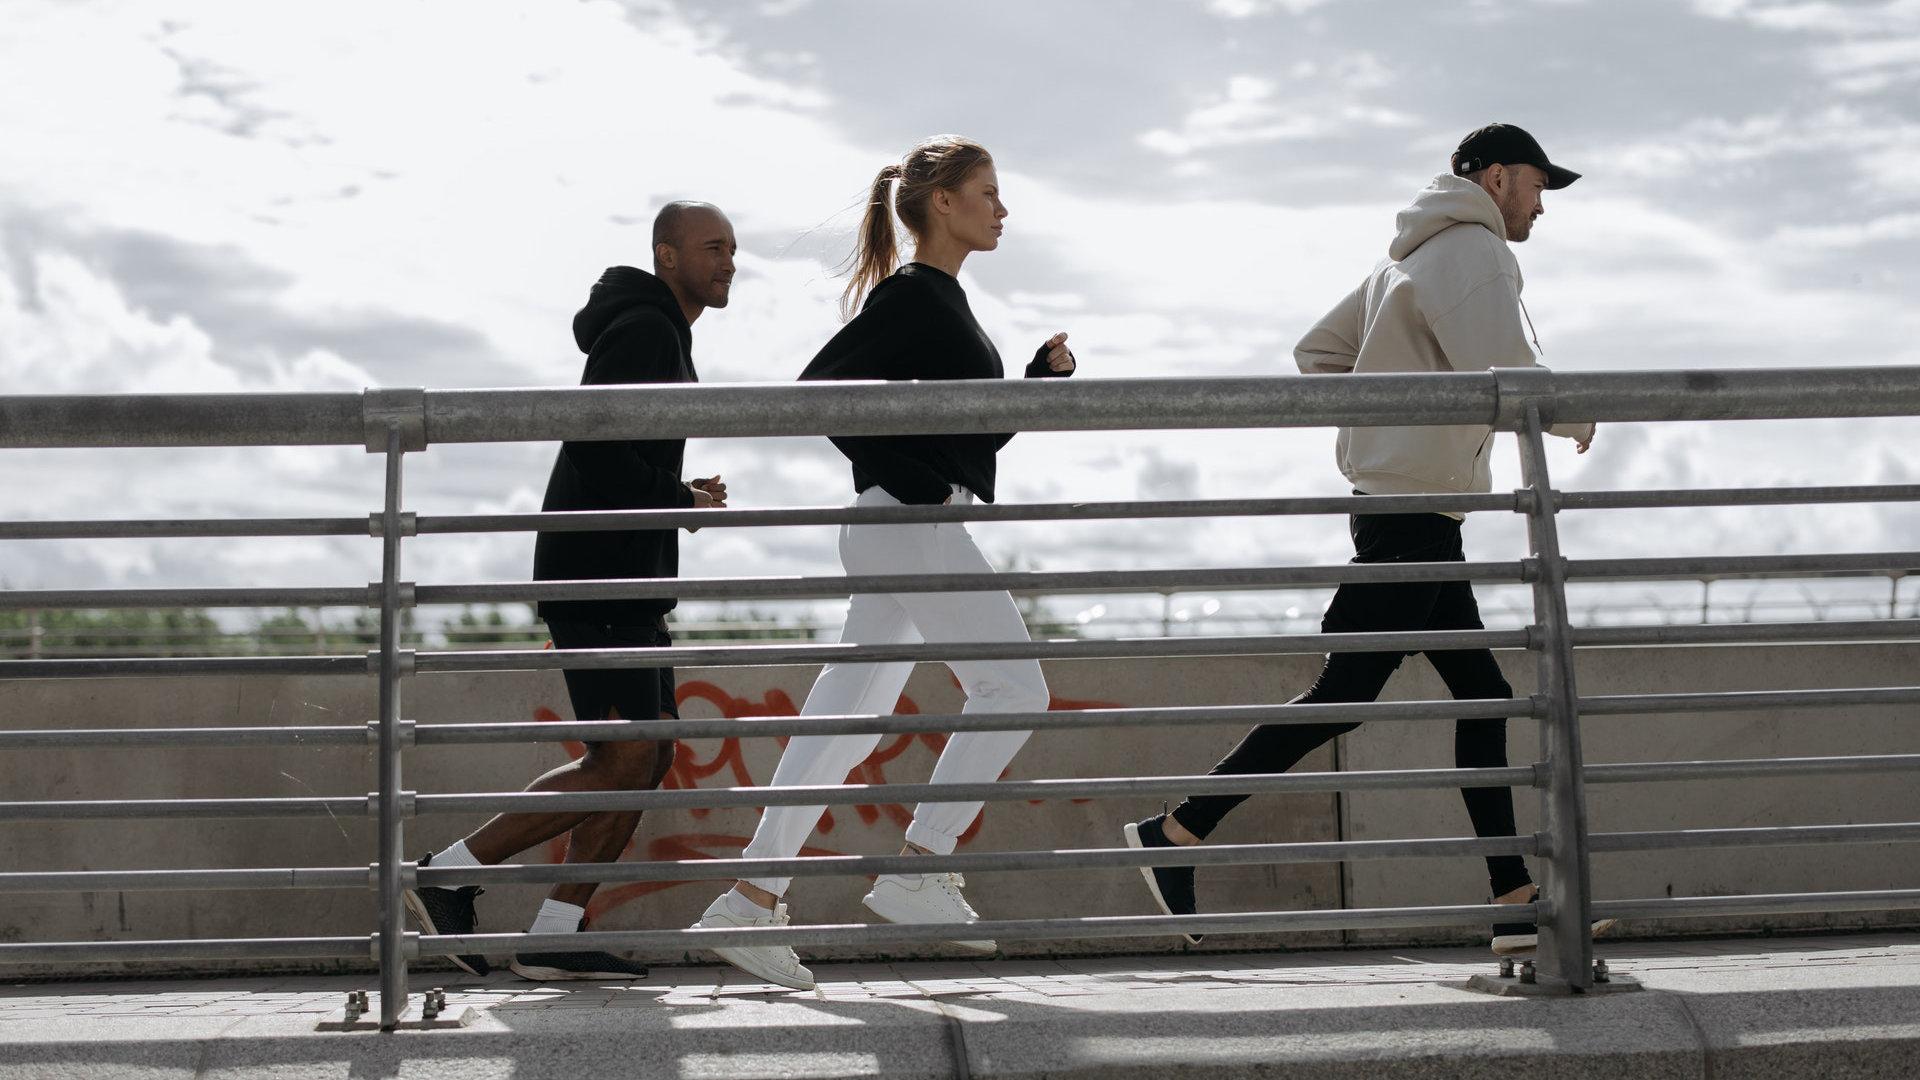 提高步频不仅是追求跑步「180」,更能减轻压力和减少运动伤害